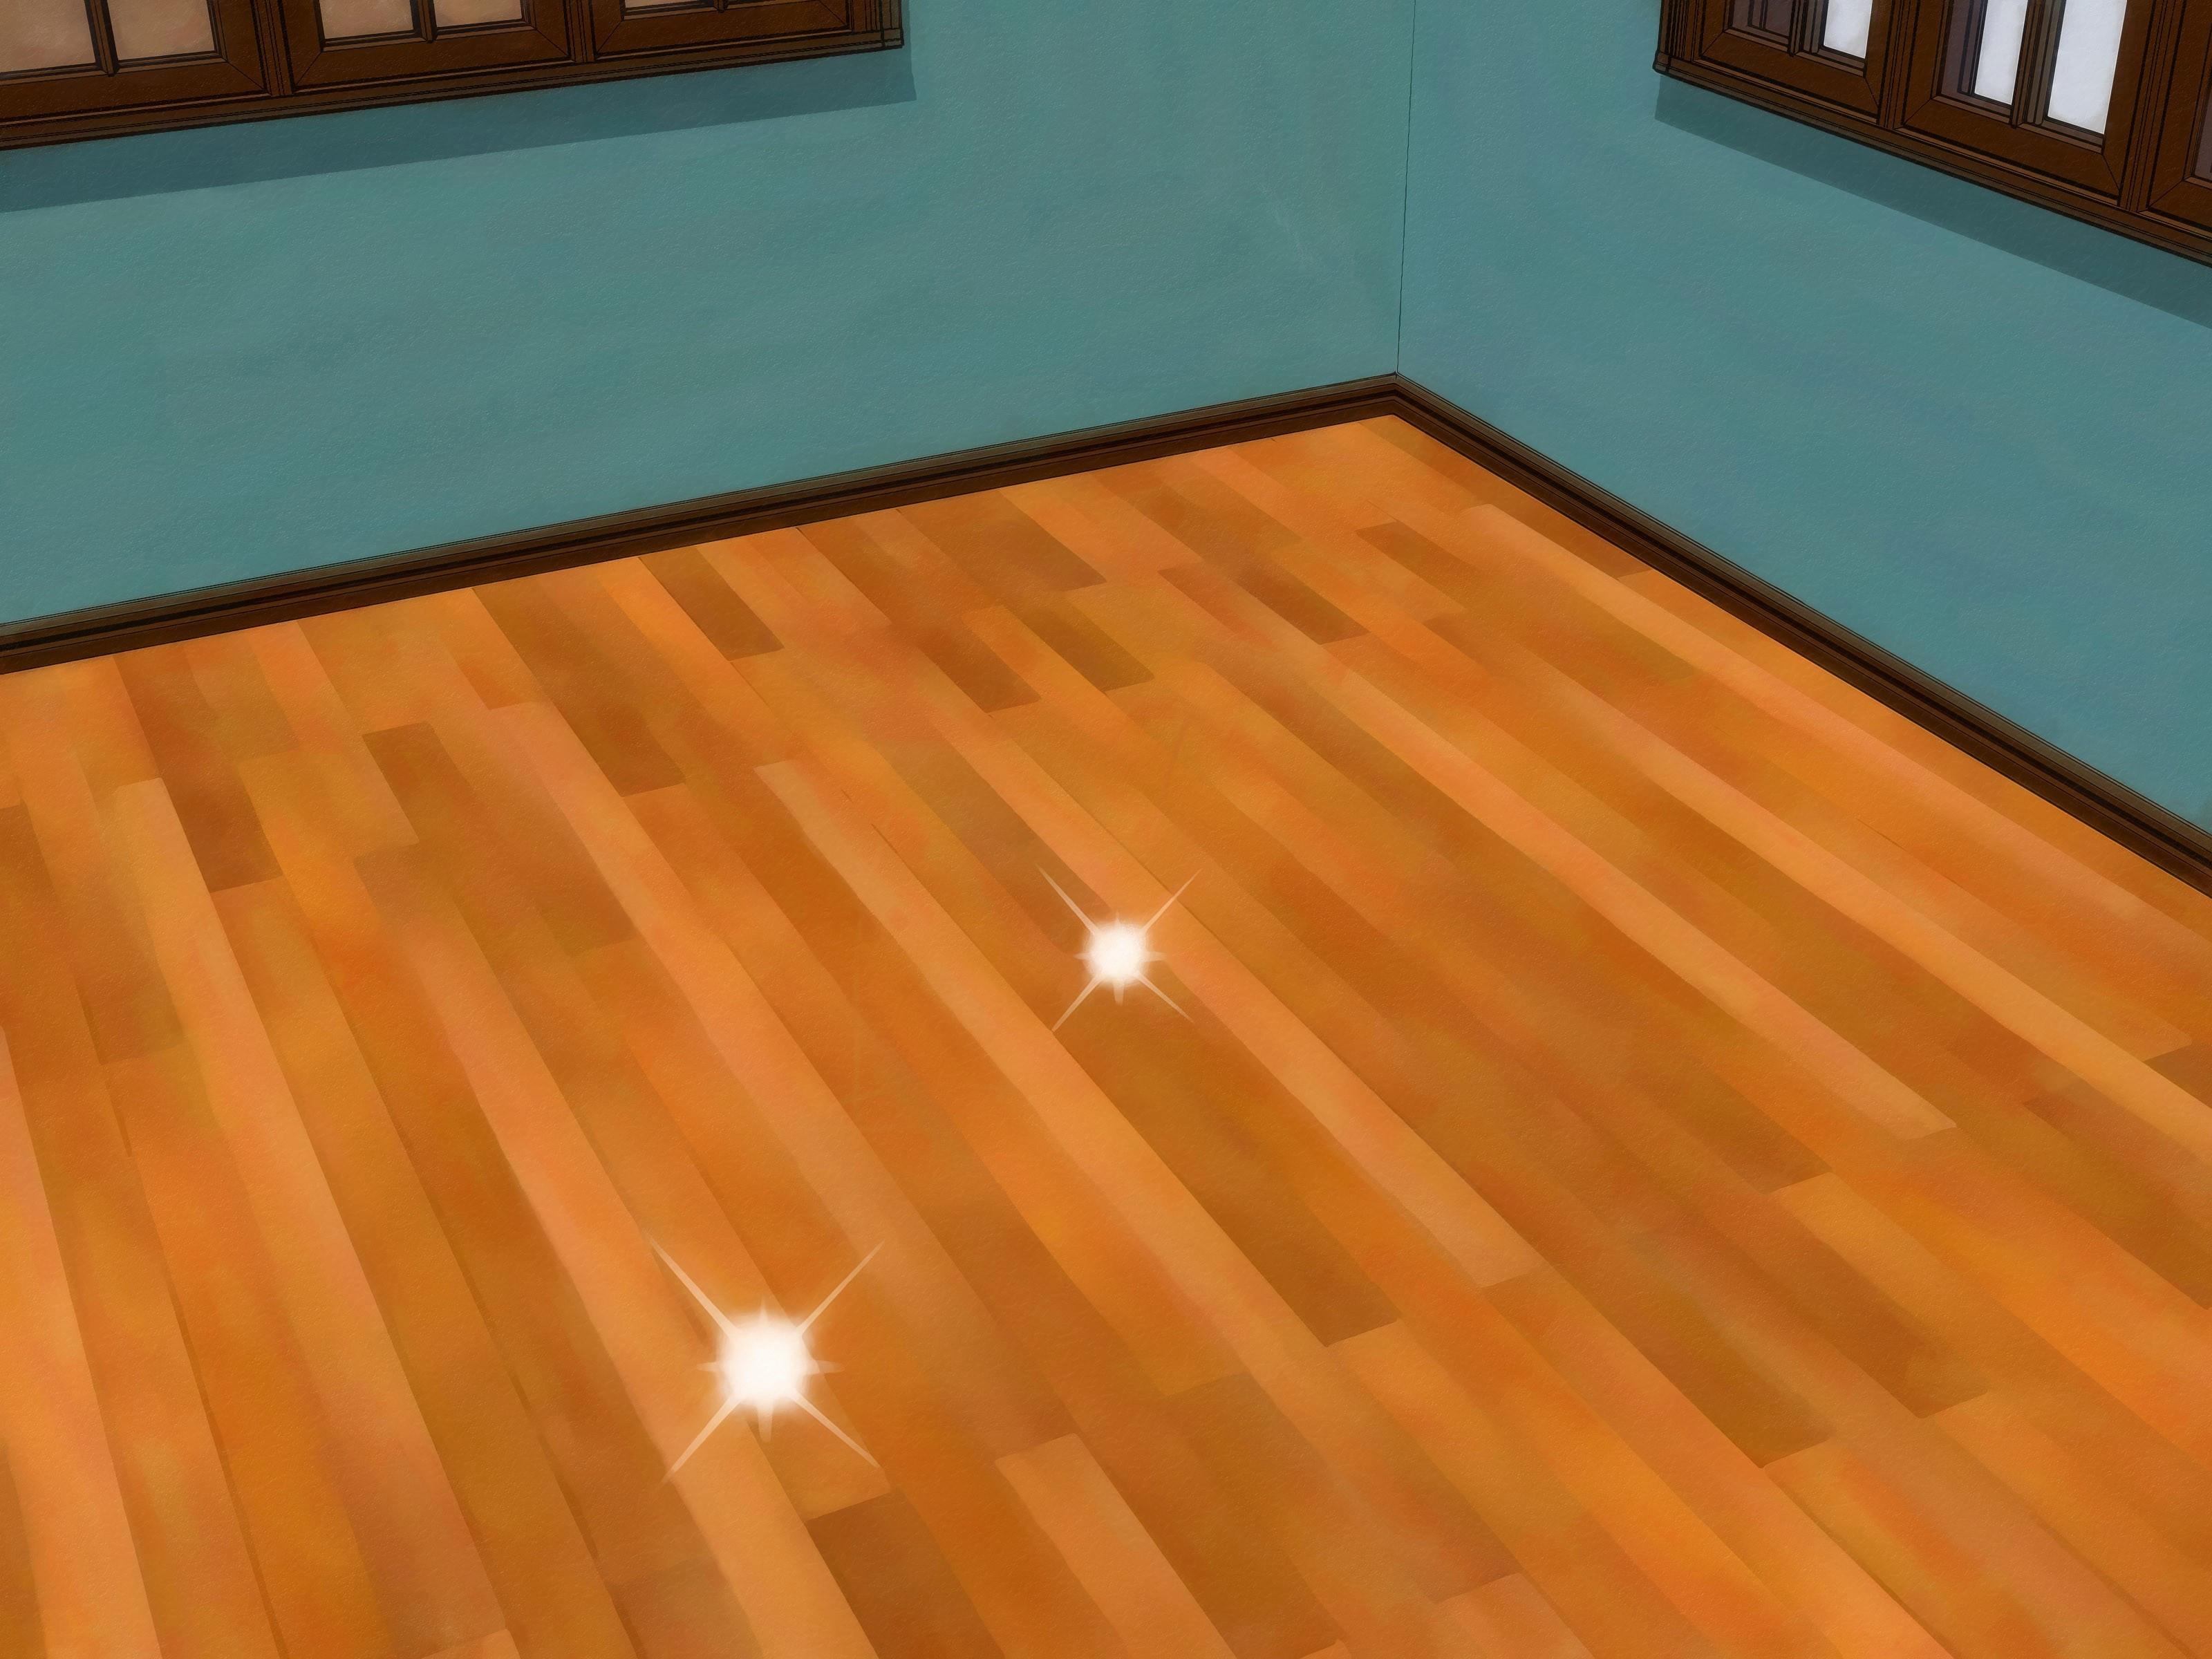 23 Trendy Replacing Hardwood Floor Boards Cost Unique Flooring Ideas